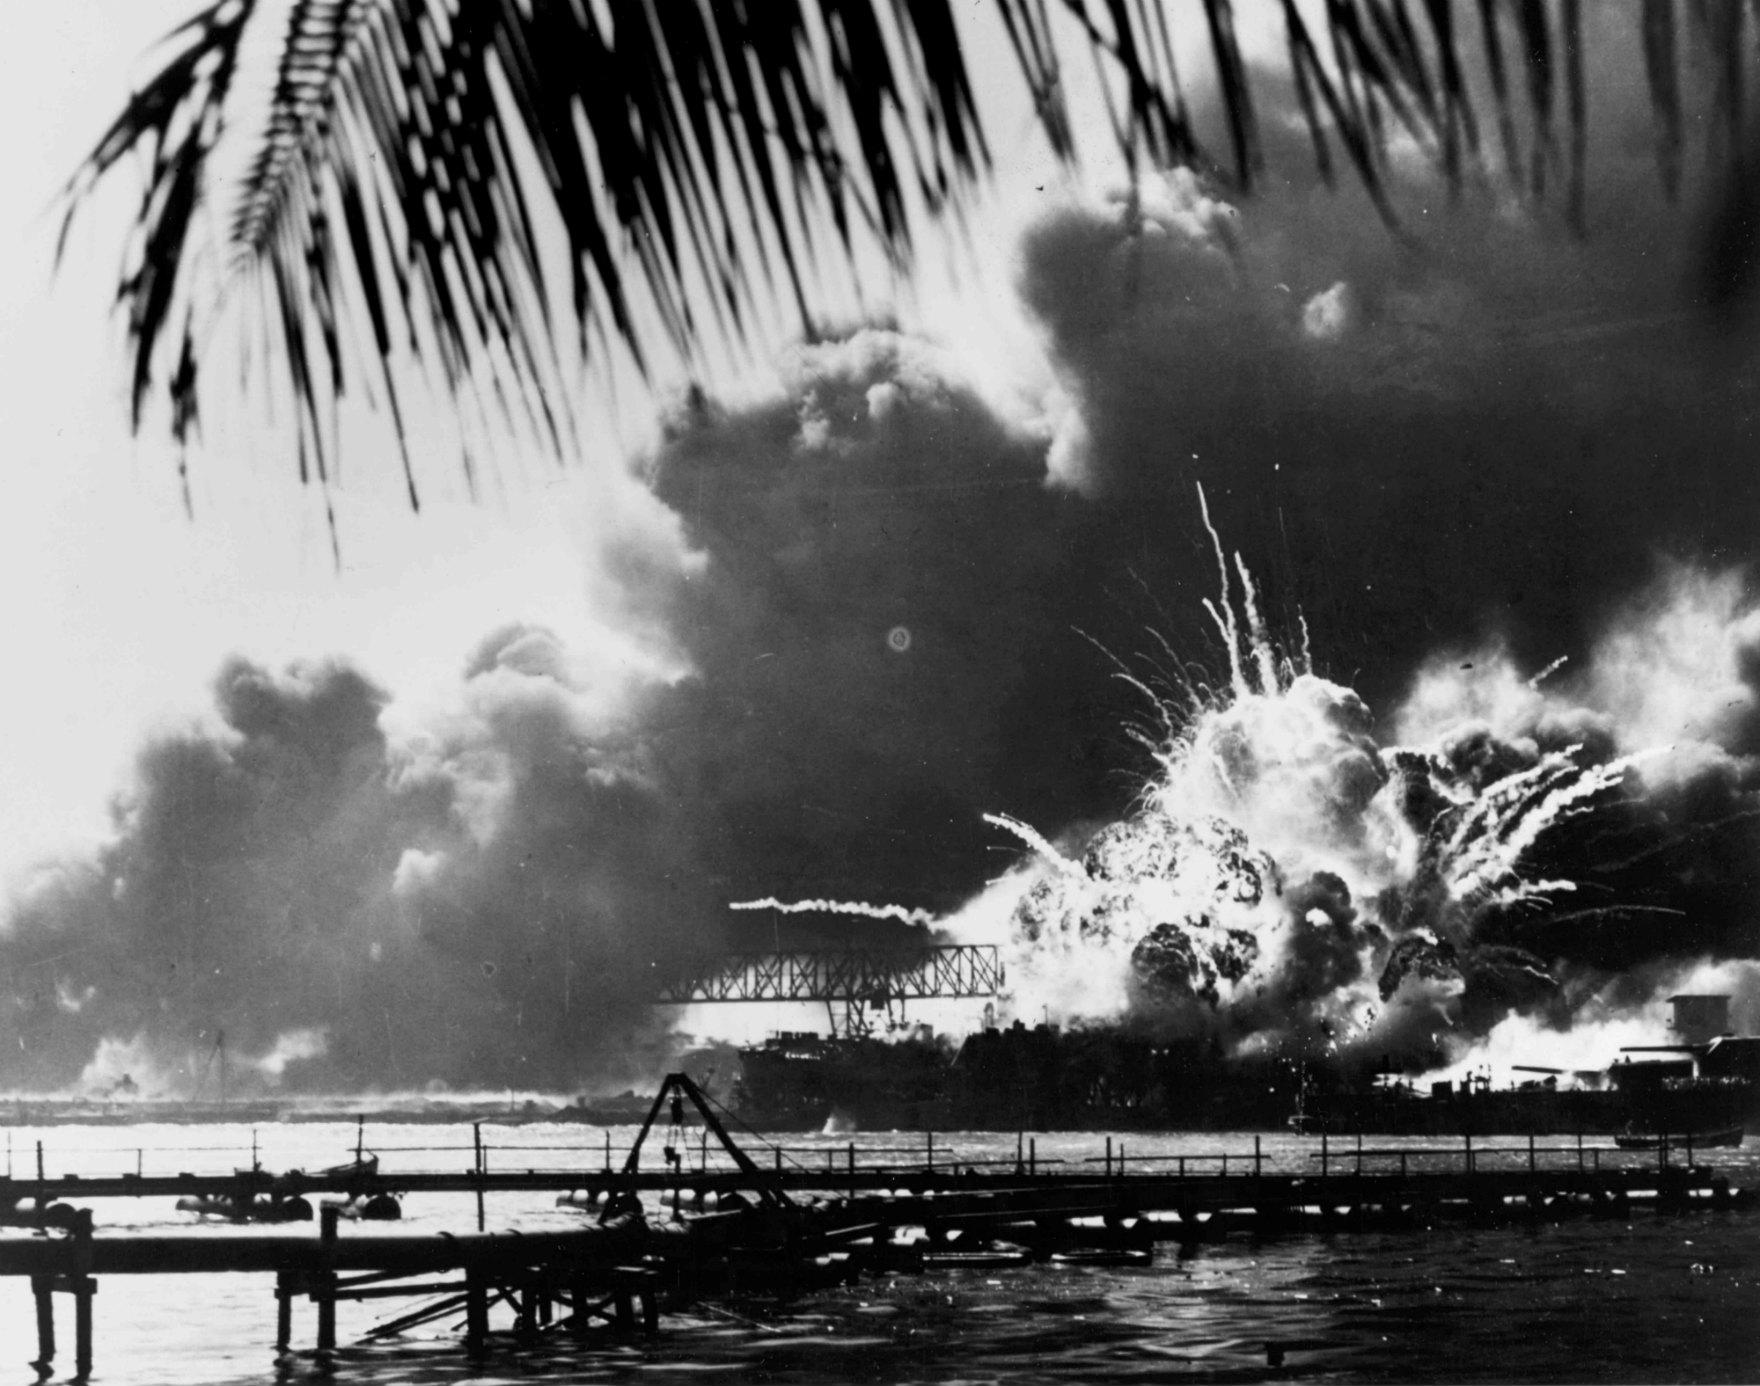 1941 年 12 月 7 日,日本偷襲珍珠港,二戰進程從此改寫。 圖片來源:路透社